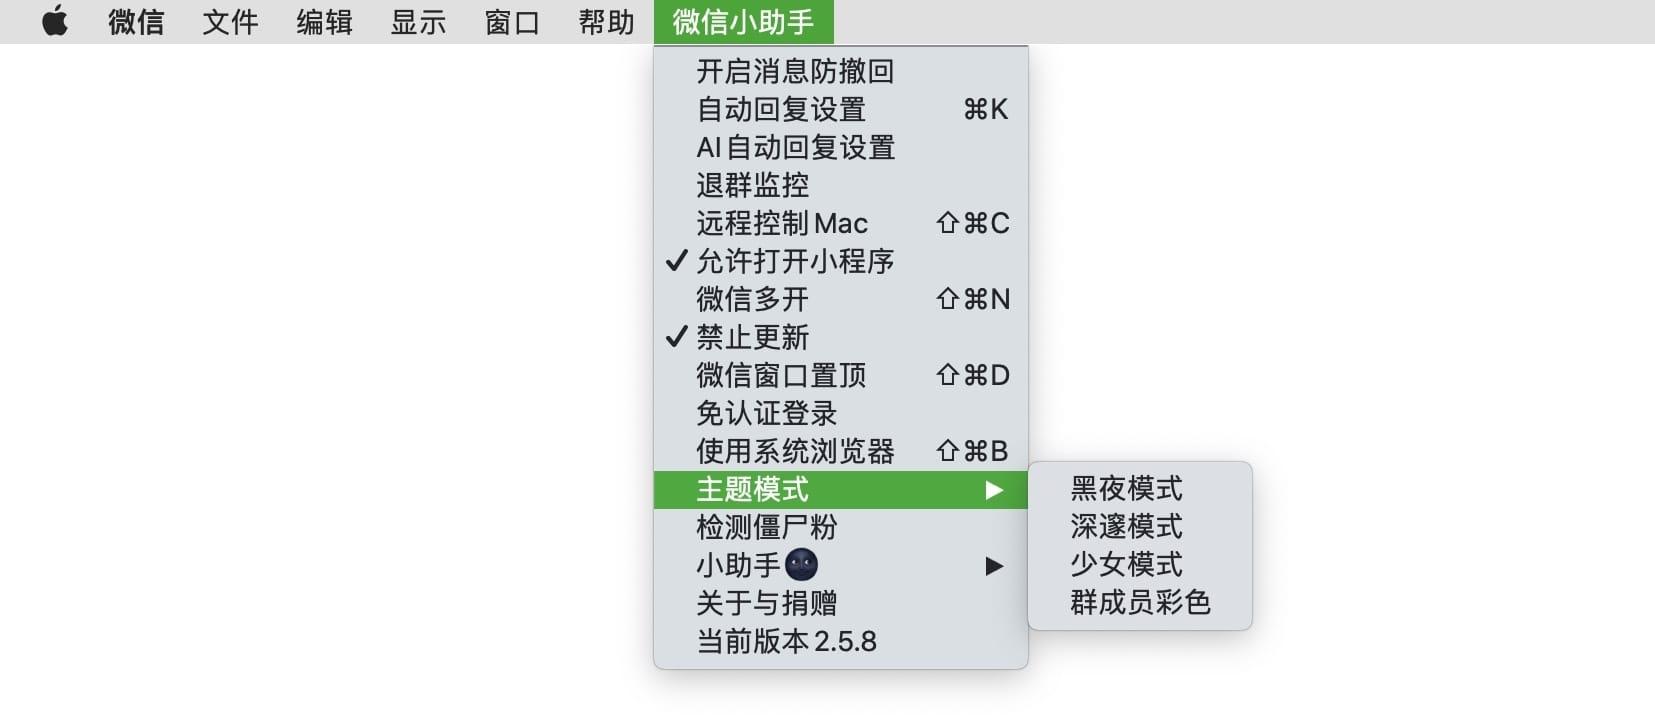 Mac版微信小助手 社交聊天 第1张